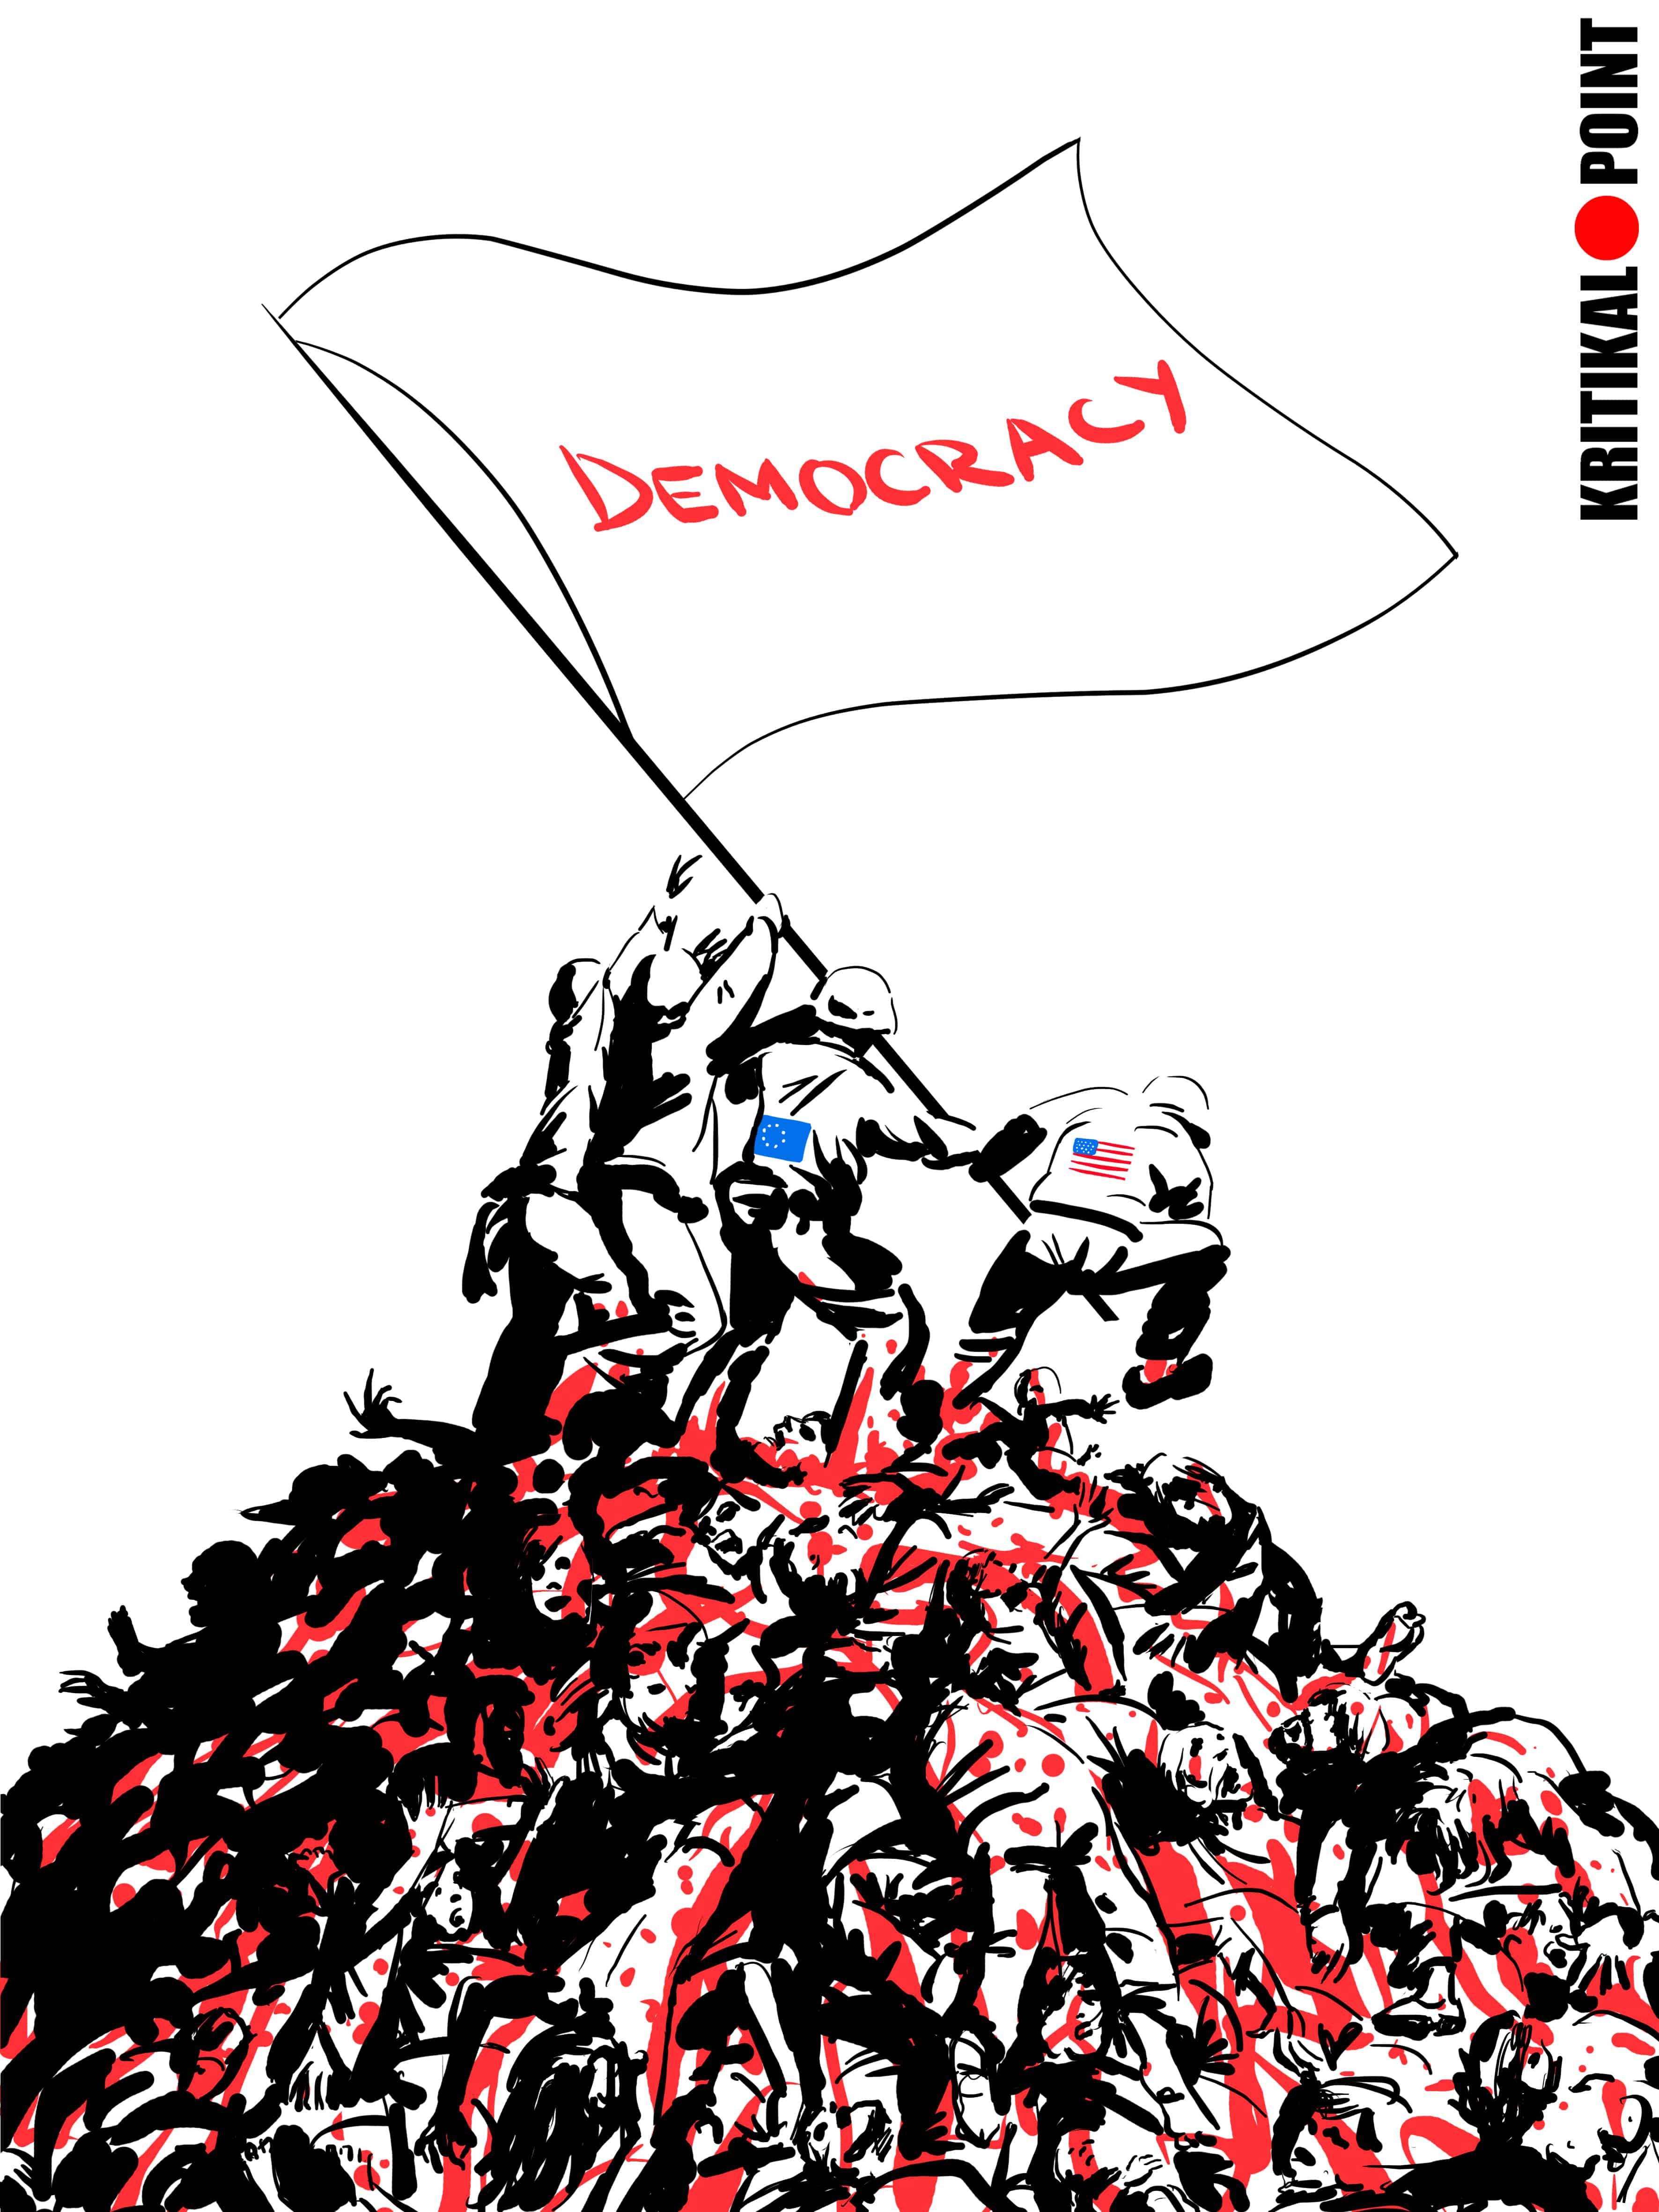 NATO's Democracy